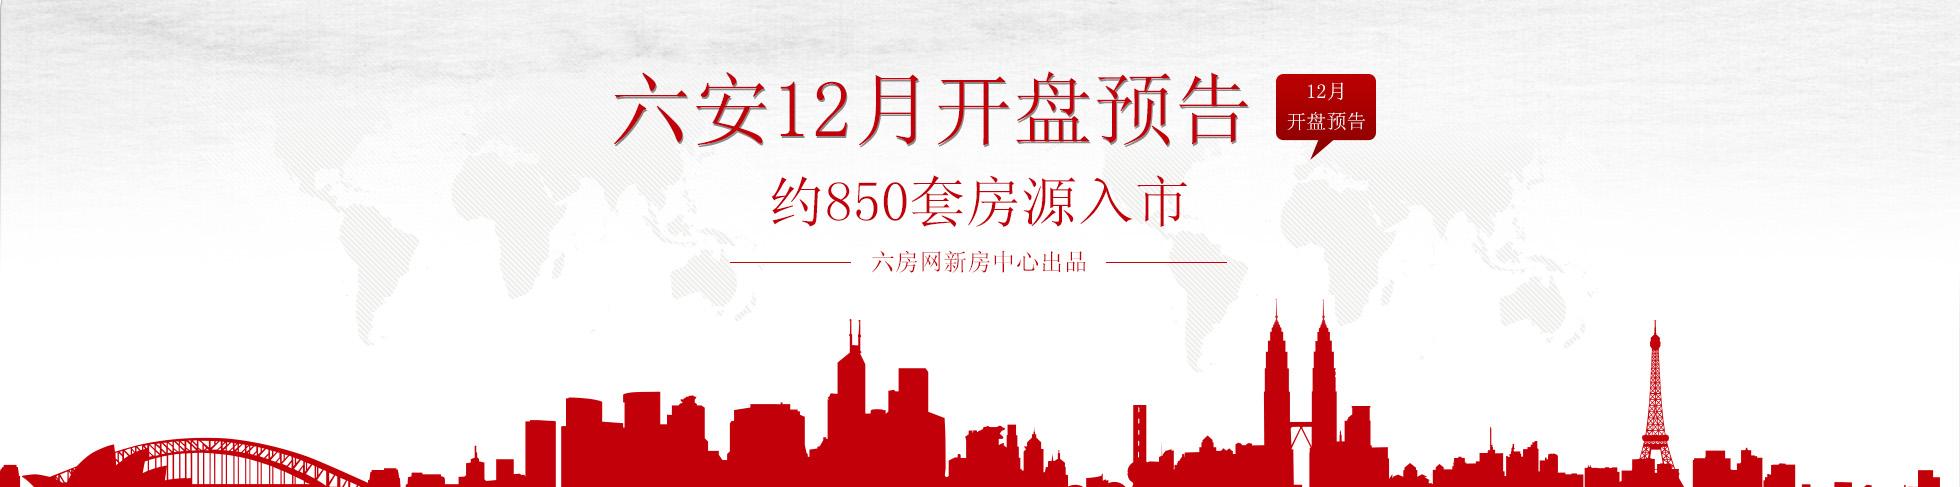 六安12月开盘预告 预计共推出850套房源